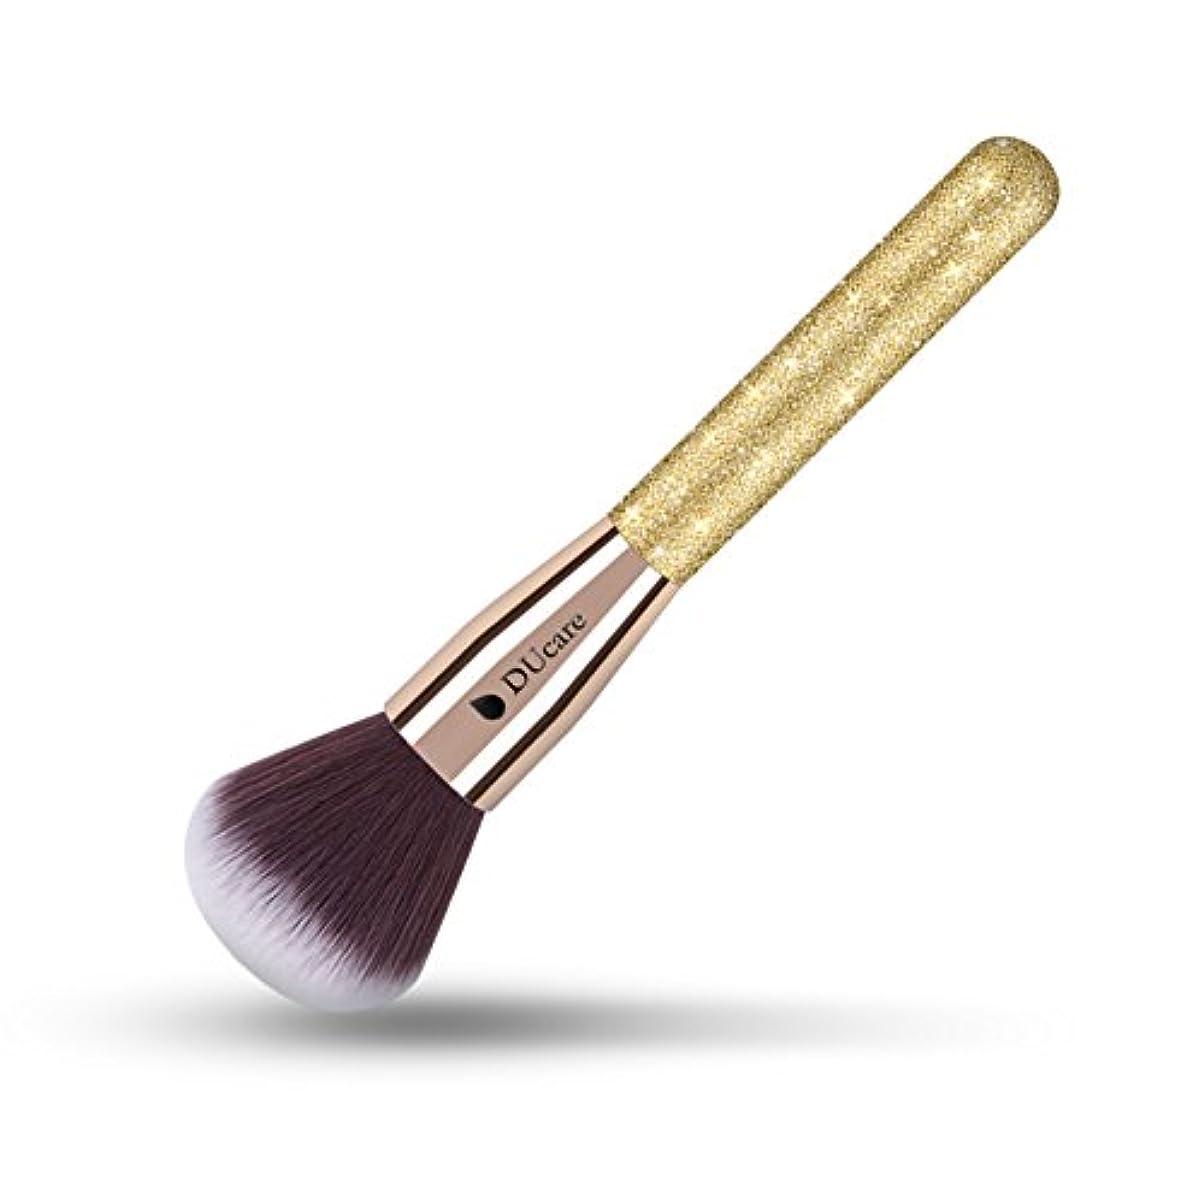 蓮戸口作業DUcare ドゥケア 化粧筆 フェイスブラシ パウダー&チークブラシ (1本, ゴールデン) 同じシリーズでファンデーションブラシ、フィニッシングブラシあり